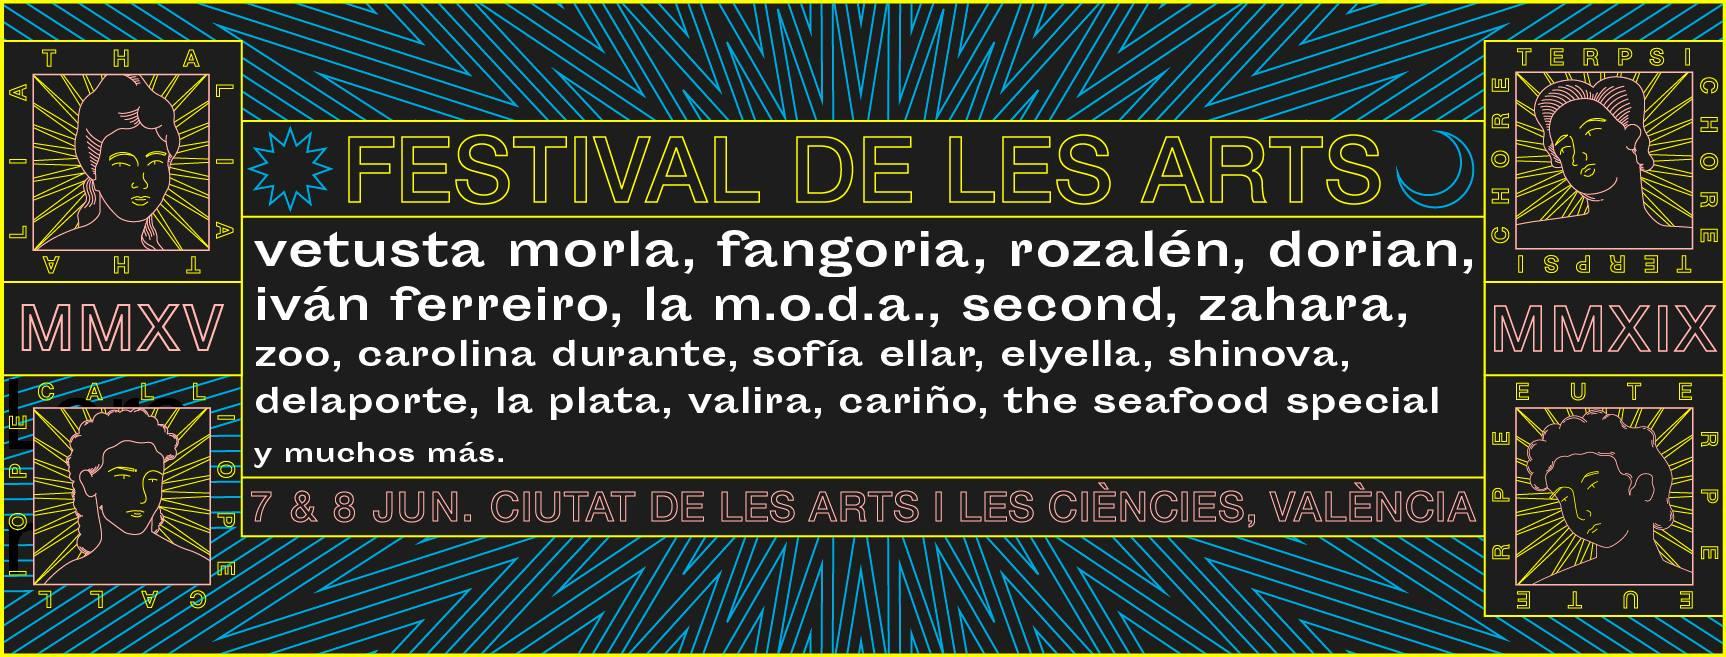 Les Arts 2019: Confirmaciones y entradas